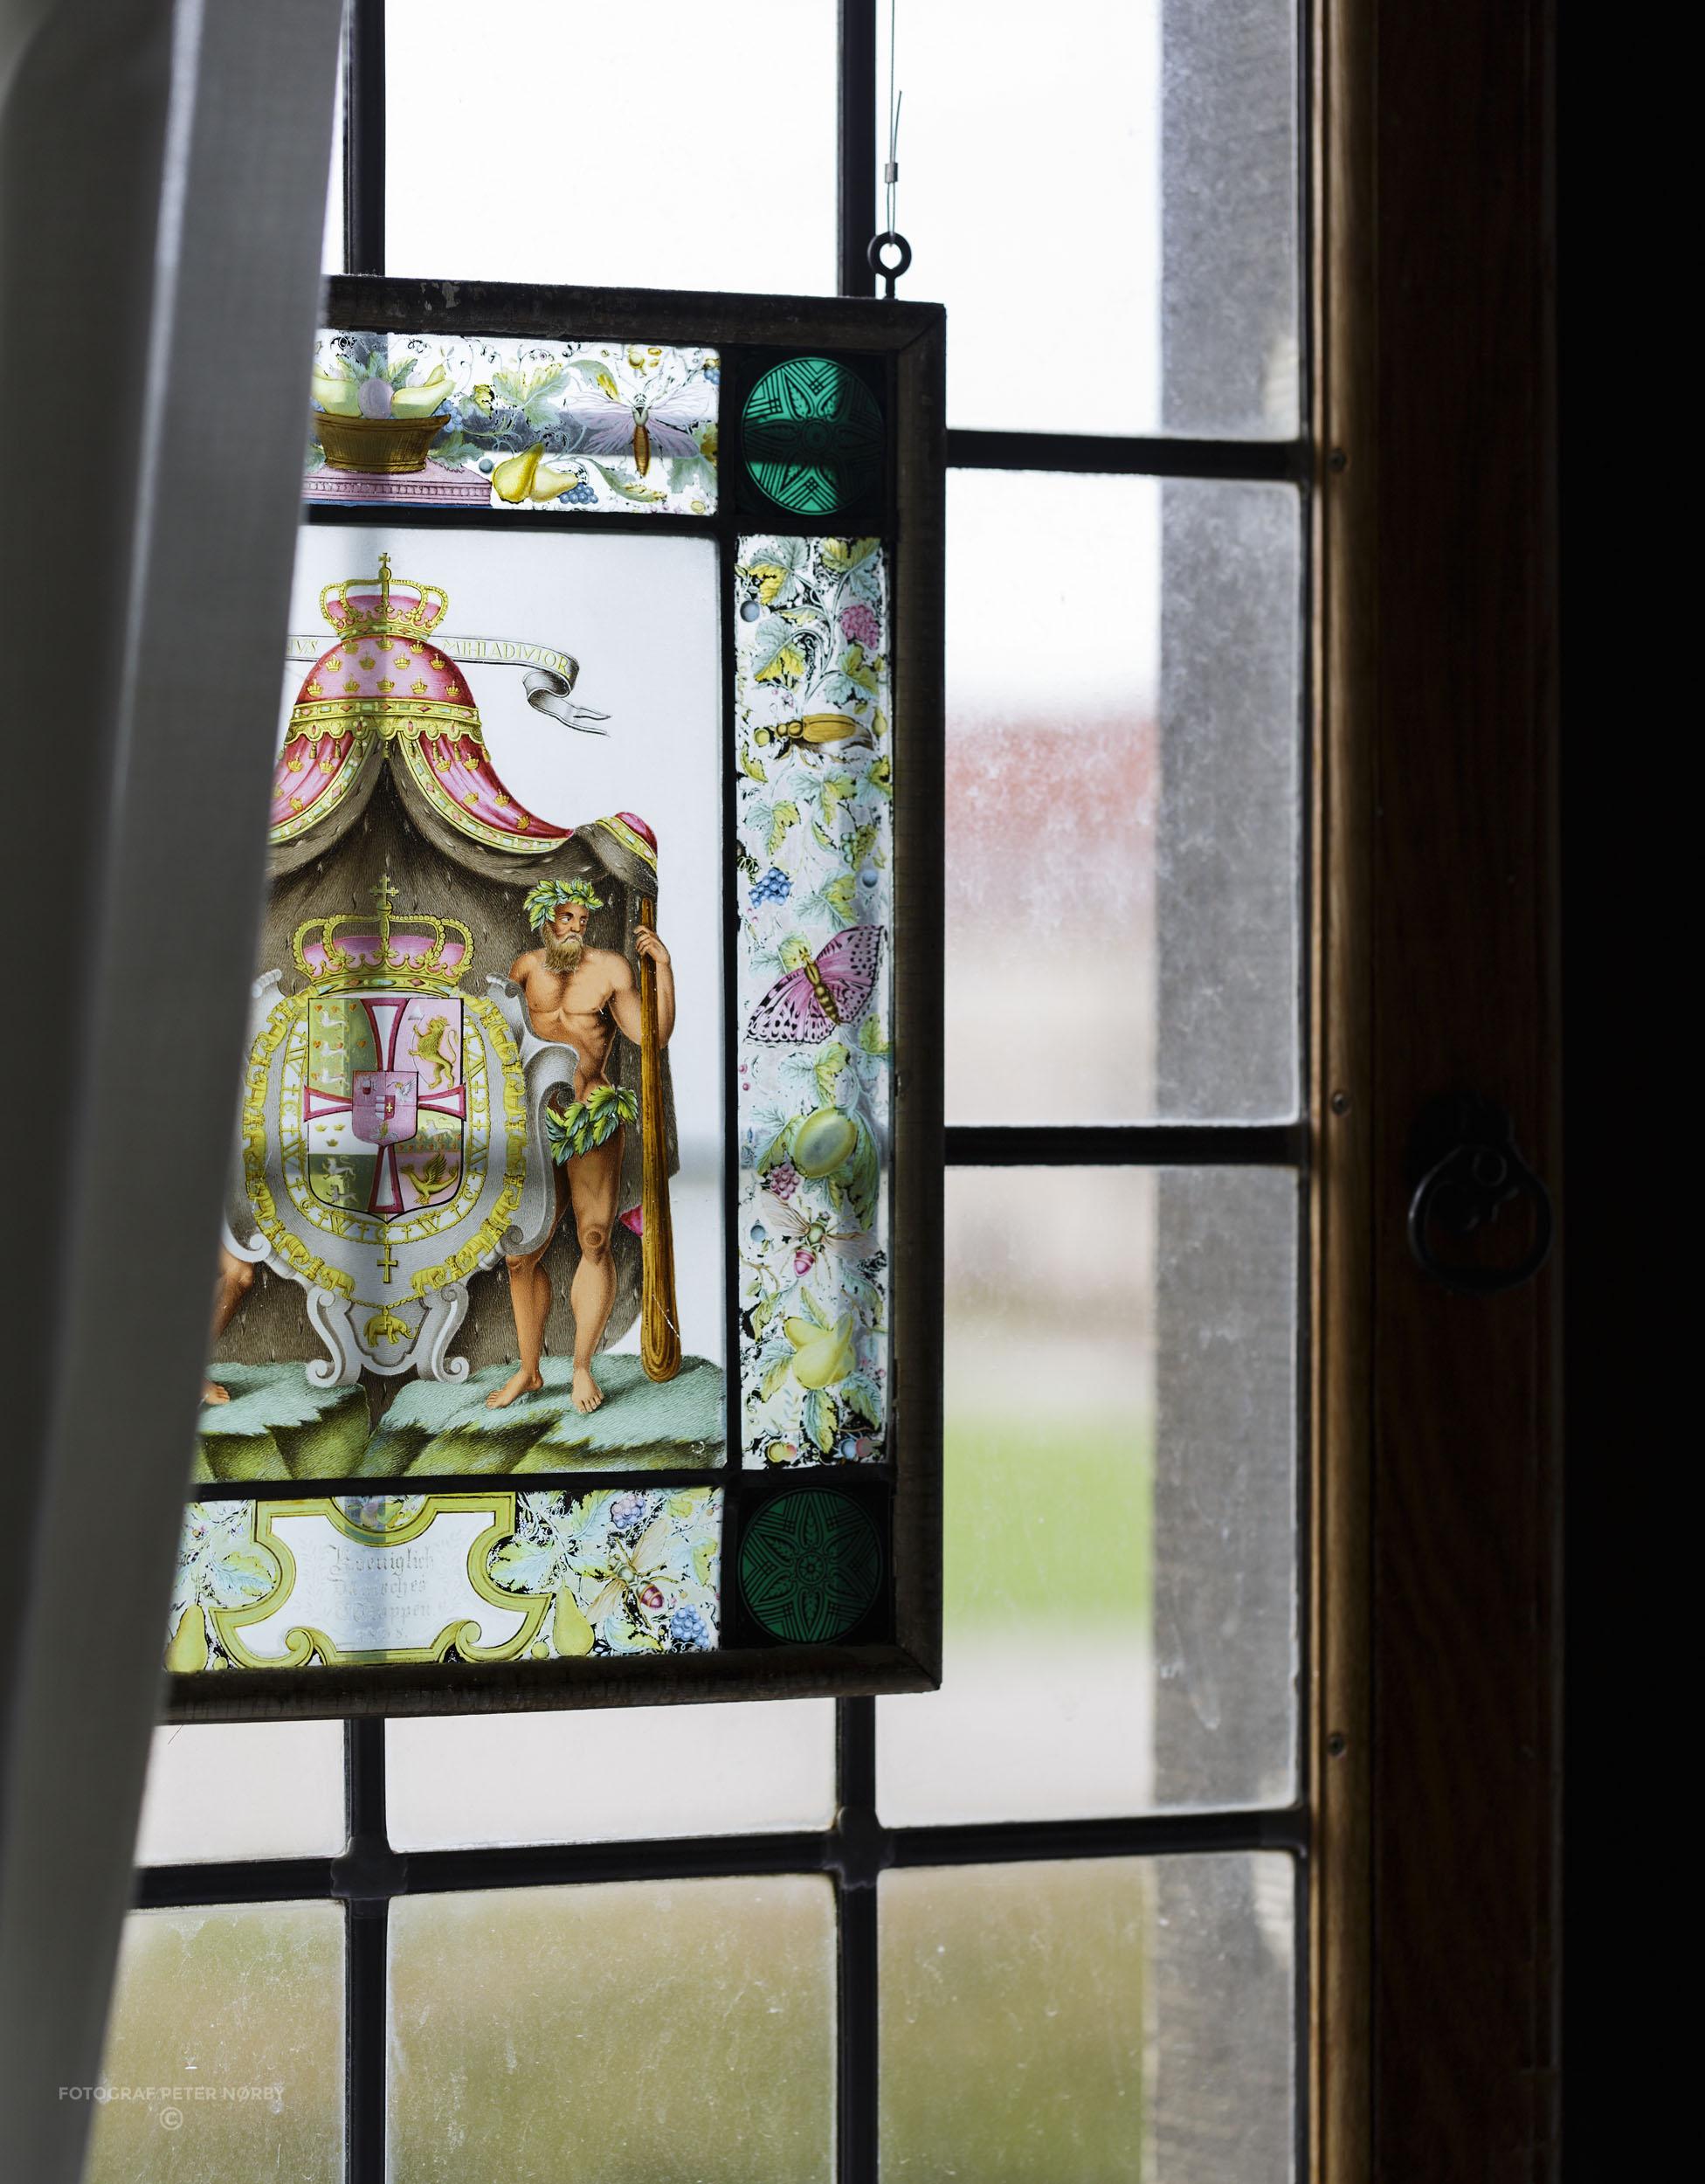 Rosenborg_Room17_03.jpg